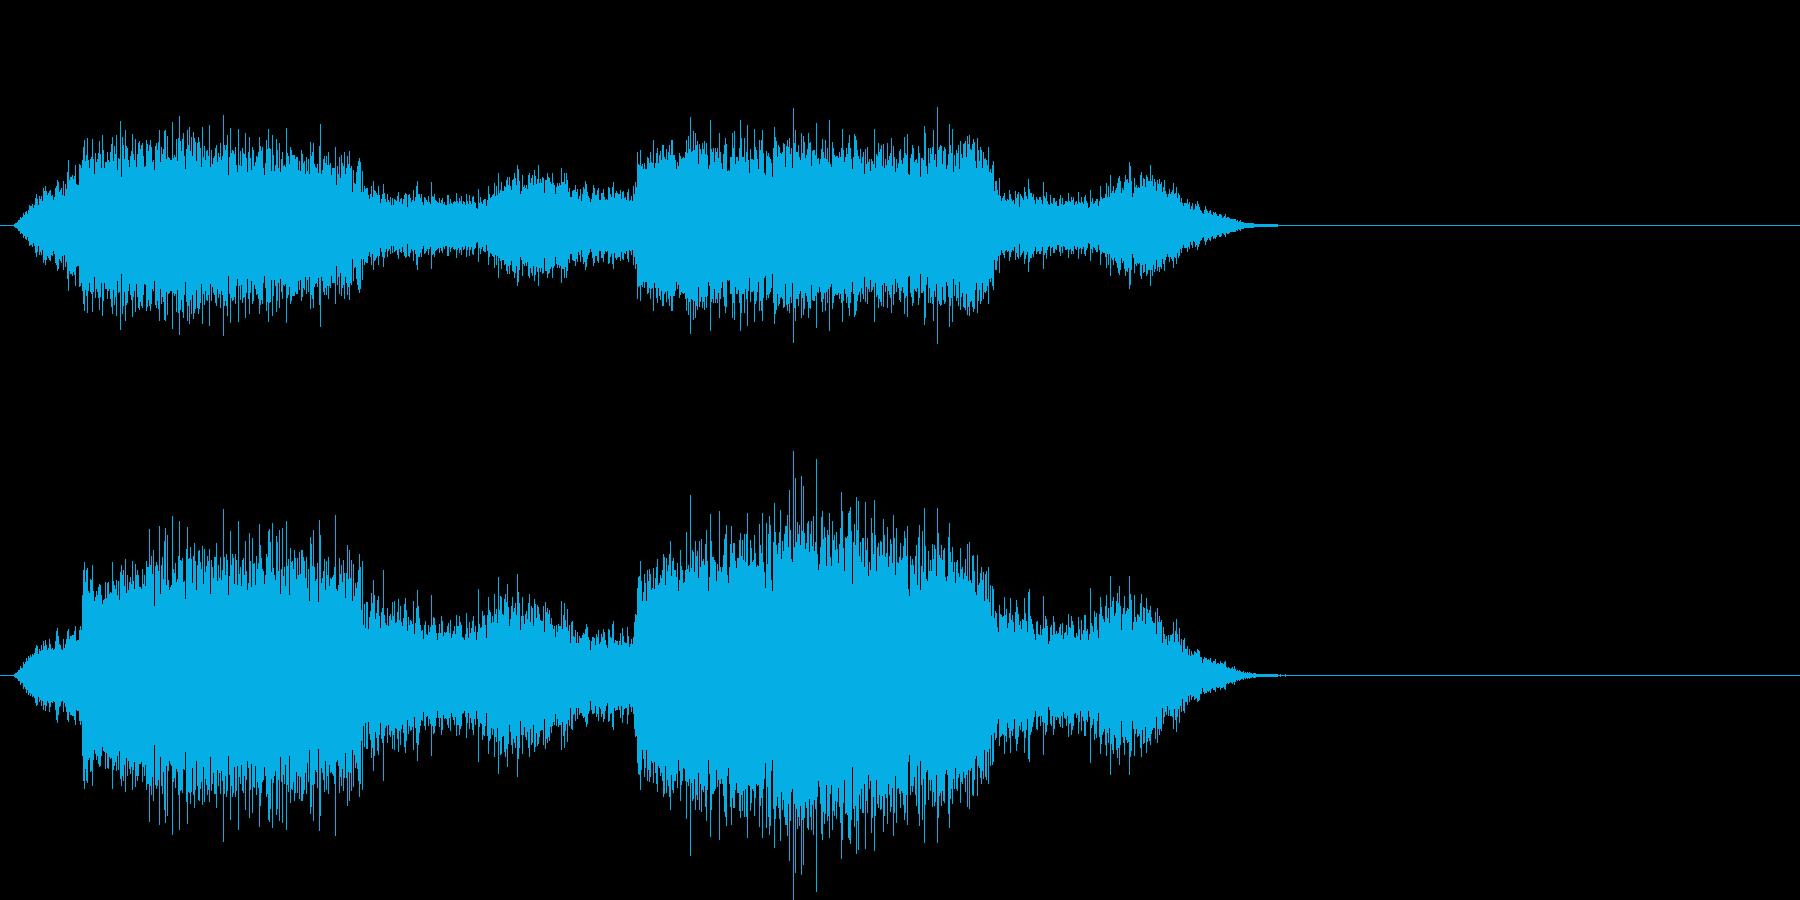 場面 港 船の再生済みの波形